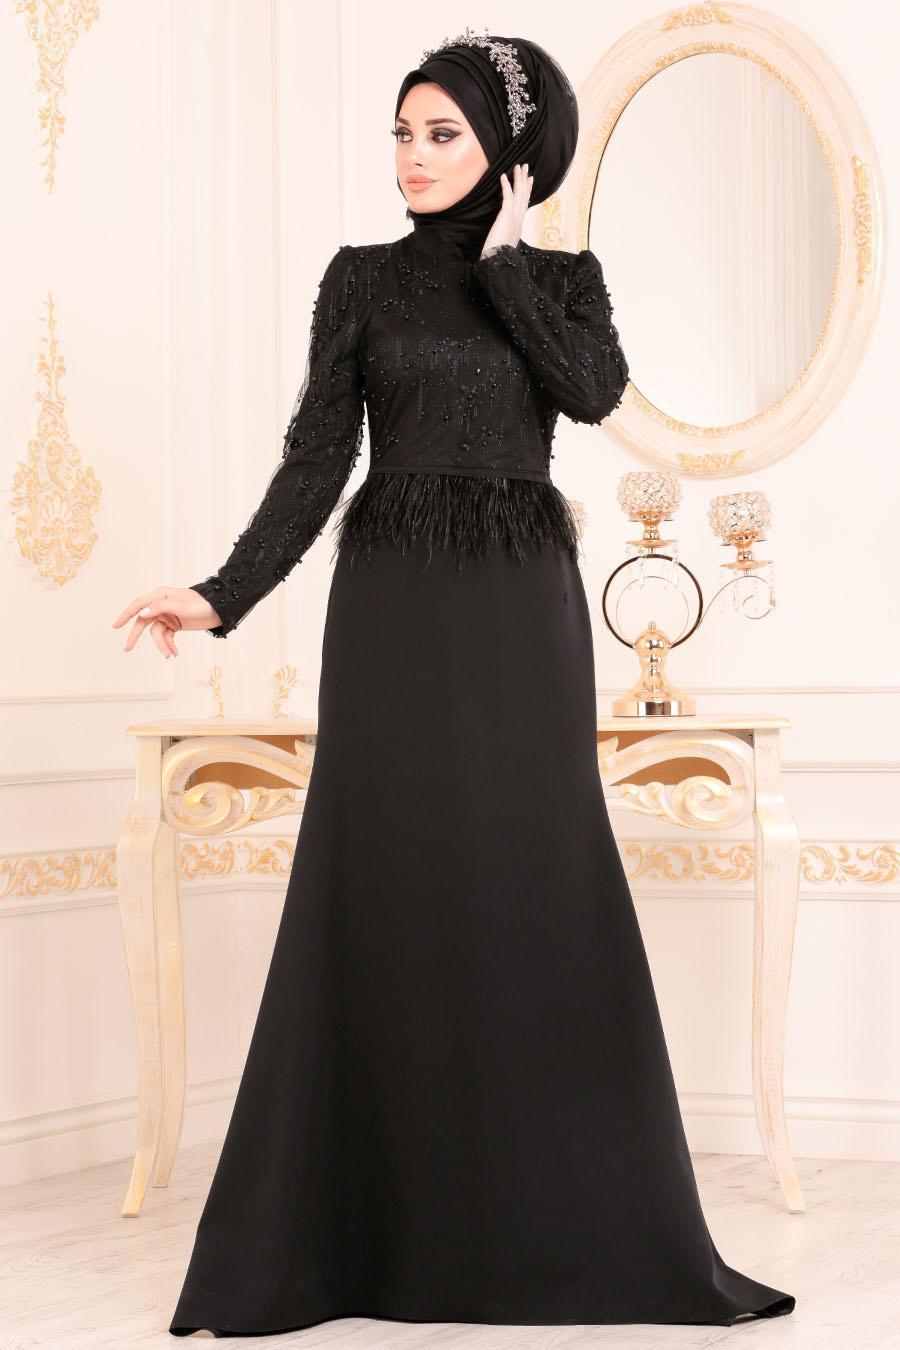 Tesettürlü Abiye Elbise - Boncuklu Tüy Detaylı Siyah Tesettür Abiye Elbise 36361S